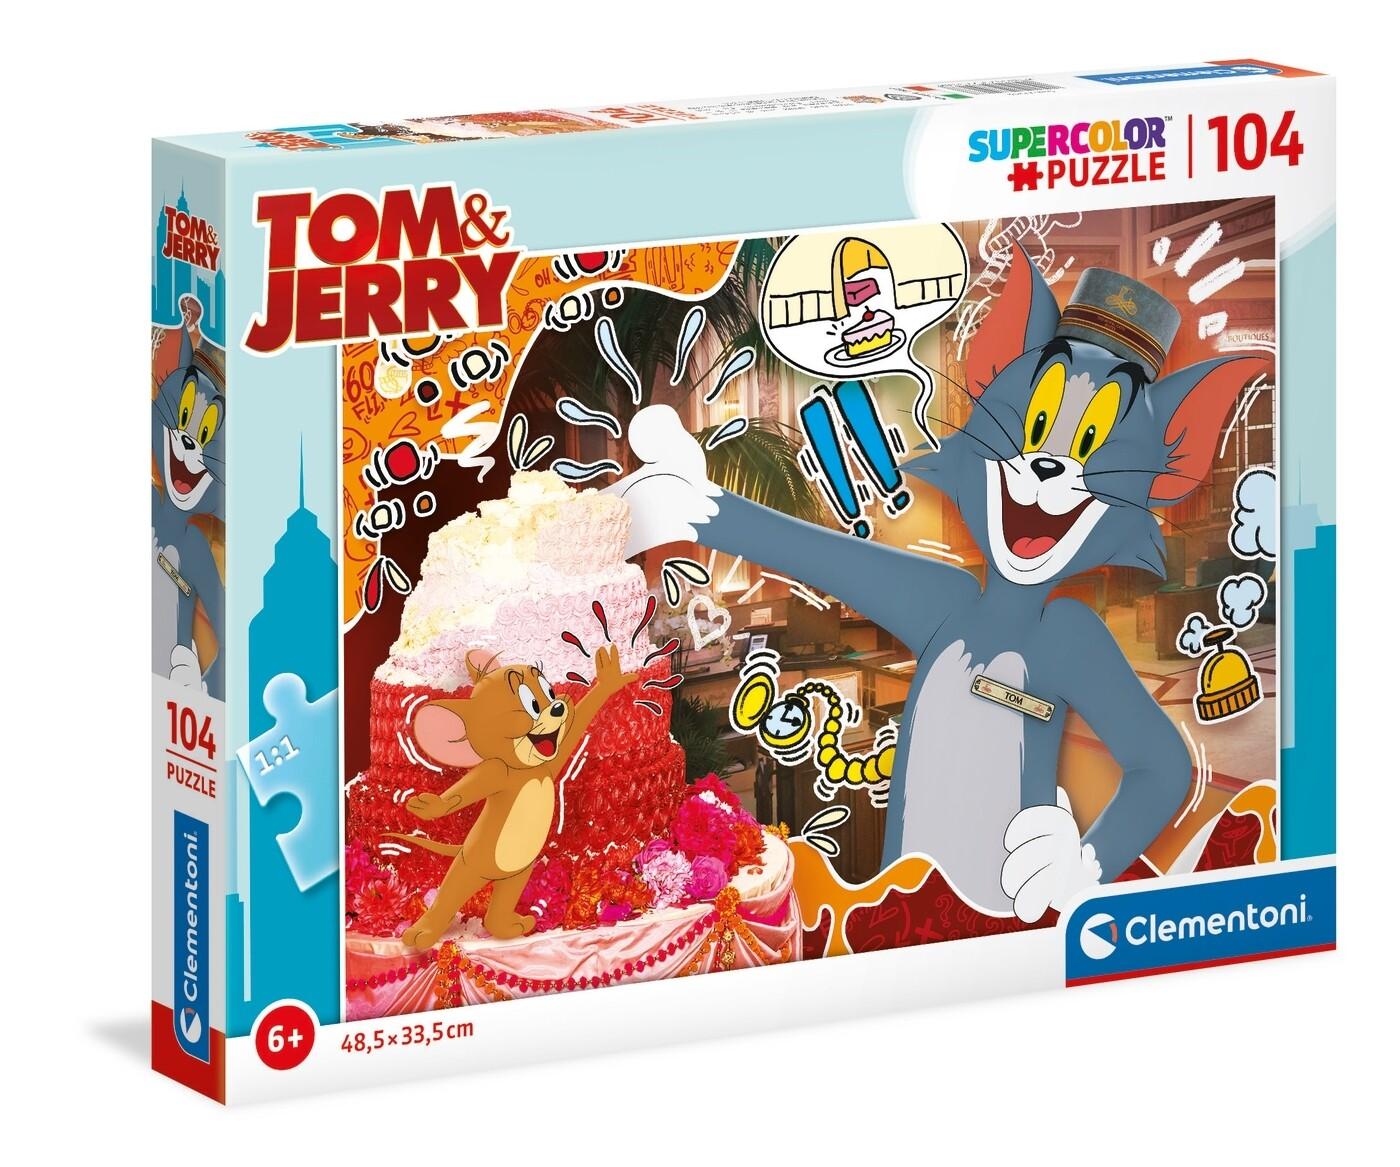 PUZZLE Super 104 pcs Tom & Jerry -- CLEMENTONI